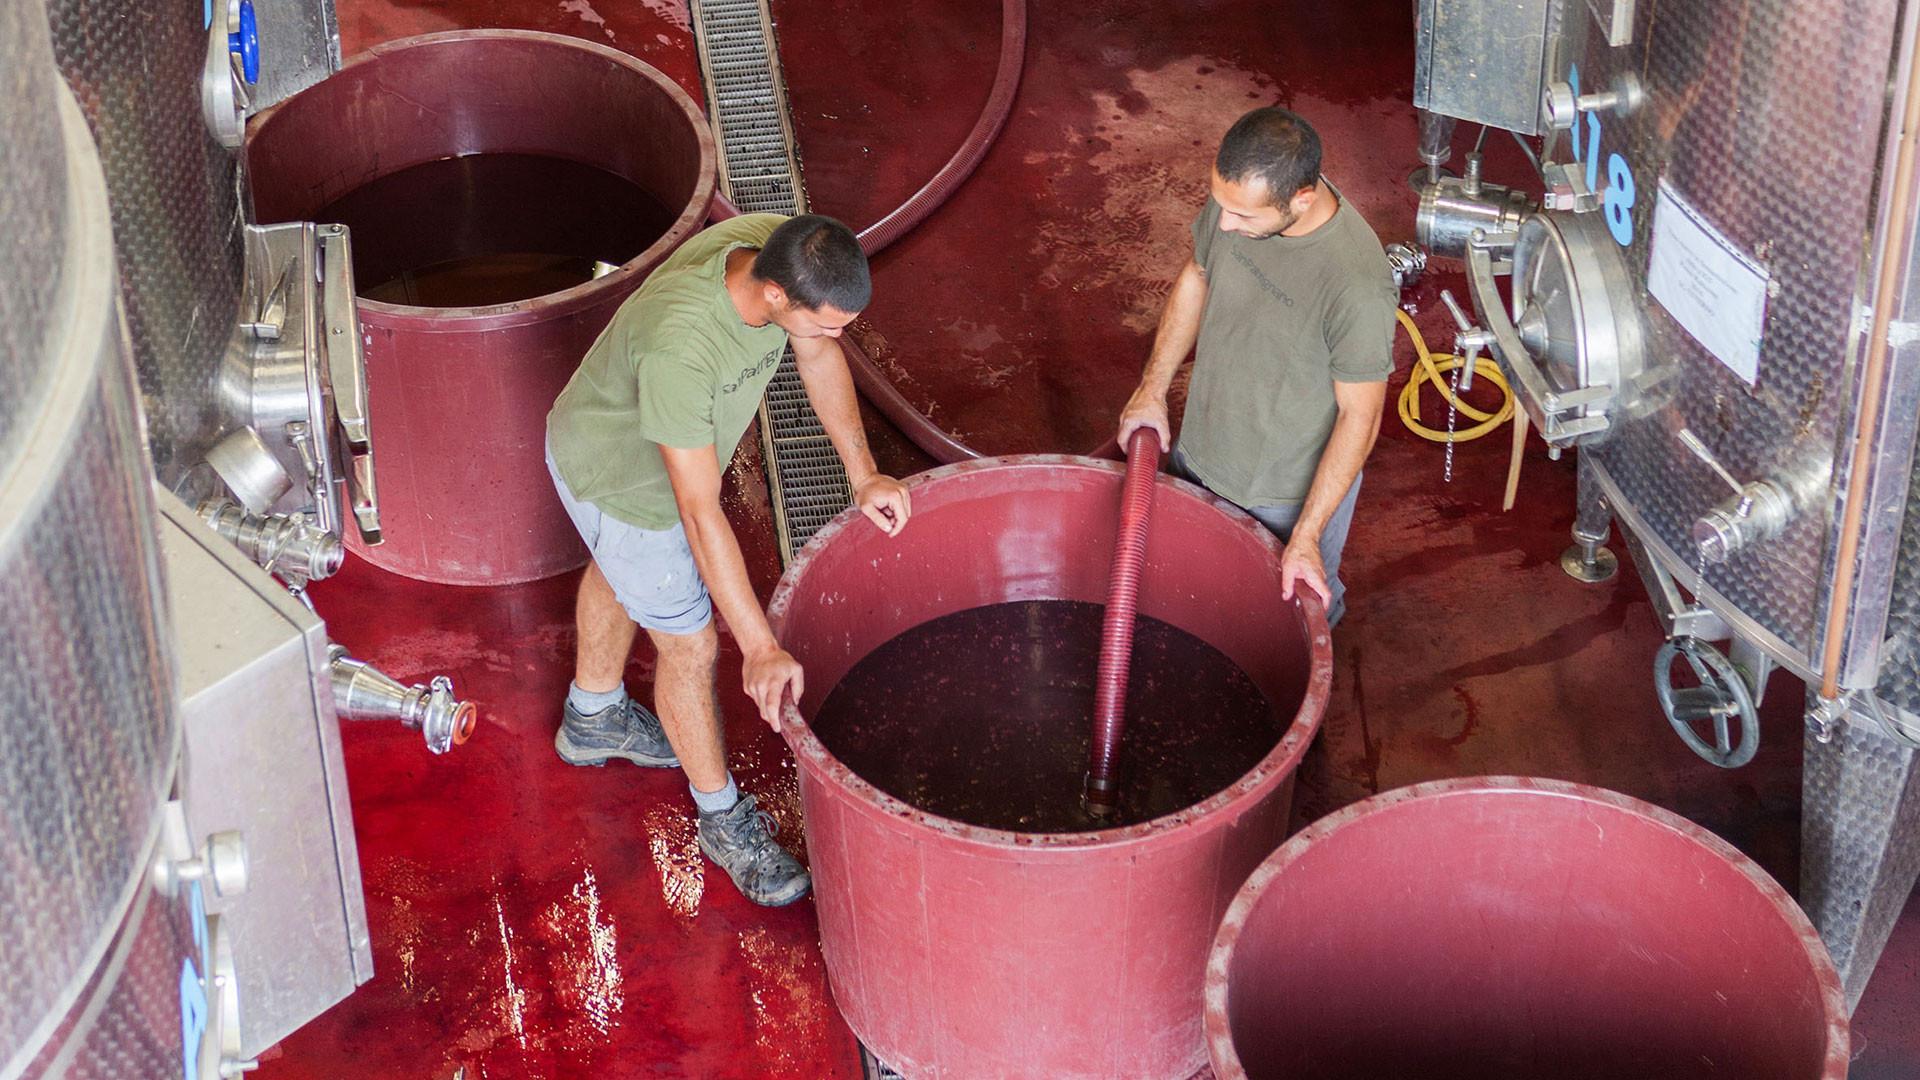 Residents in the winery, San Patrignano, Italy